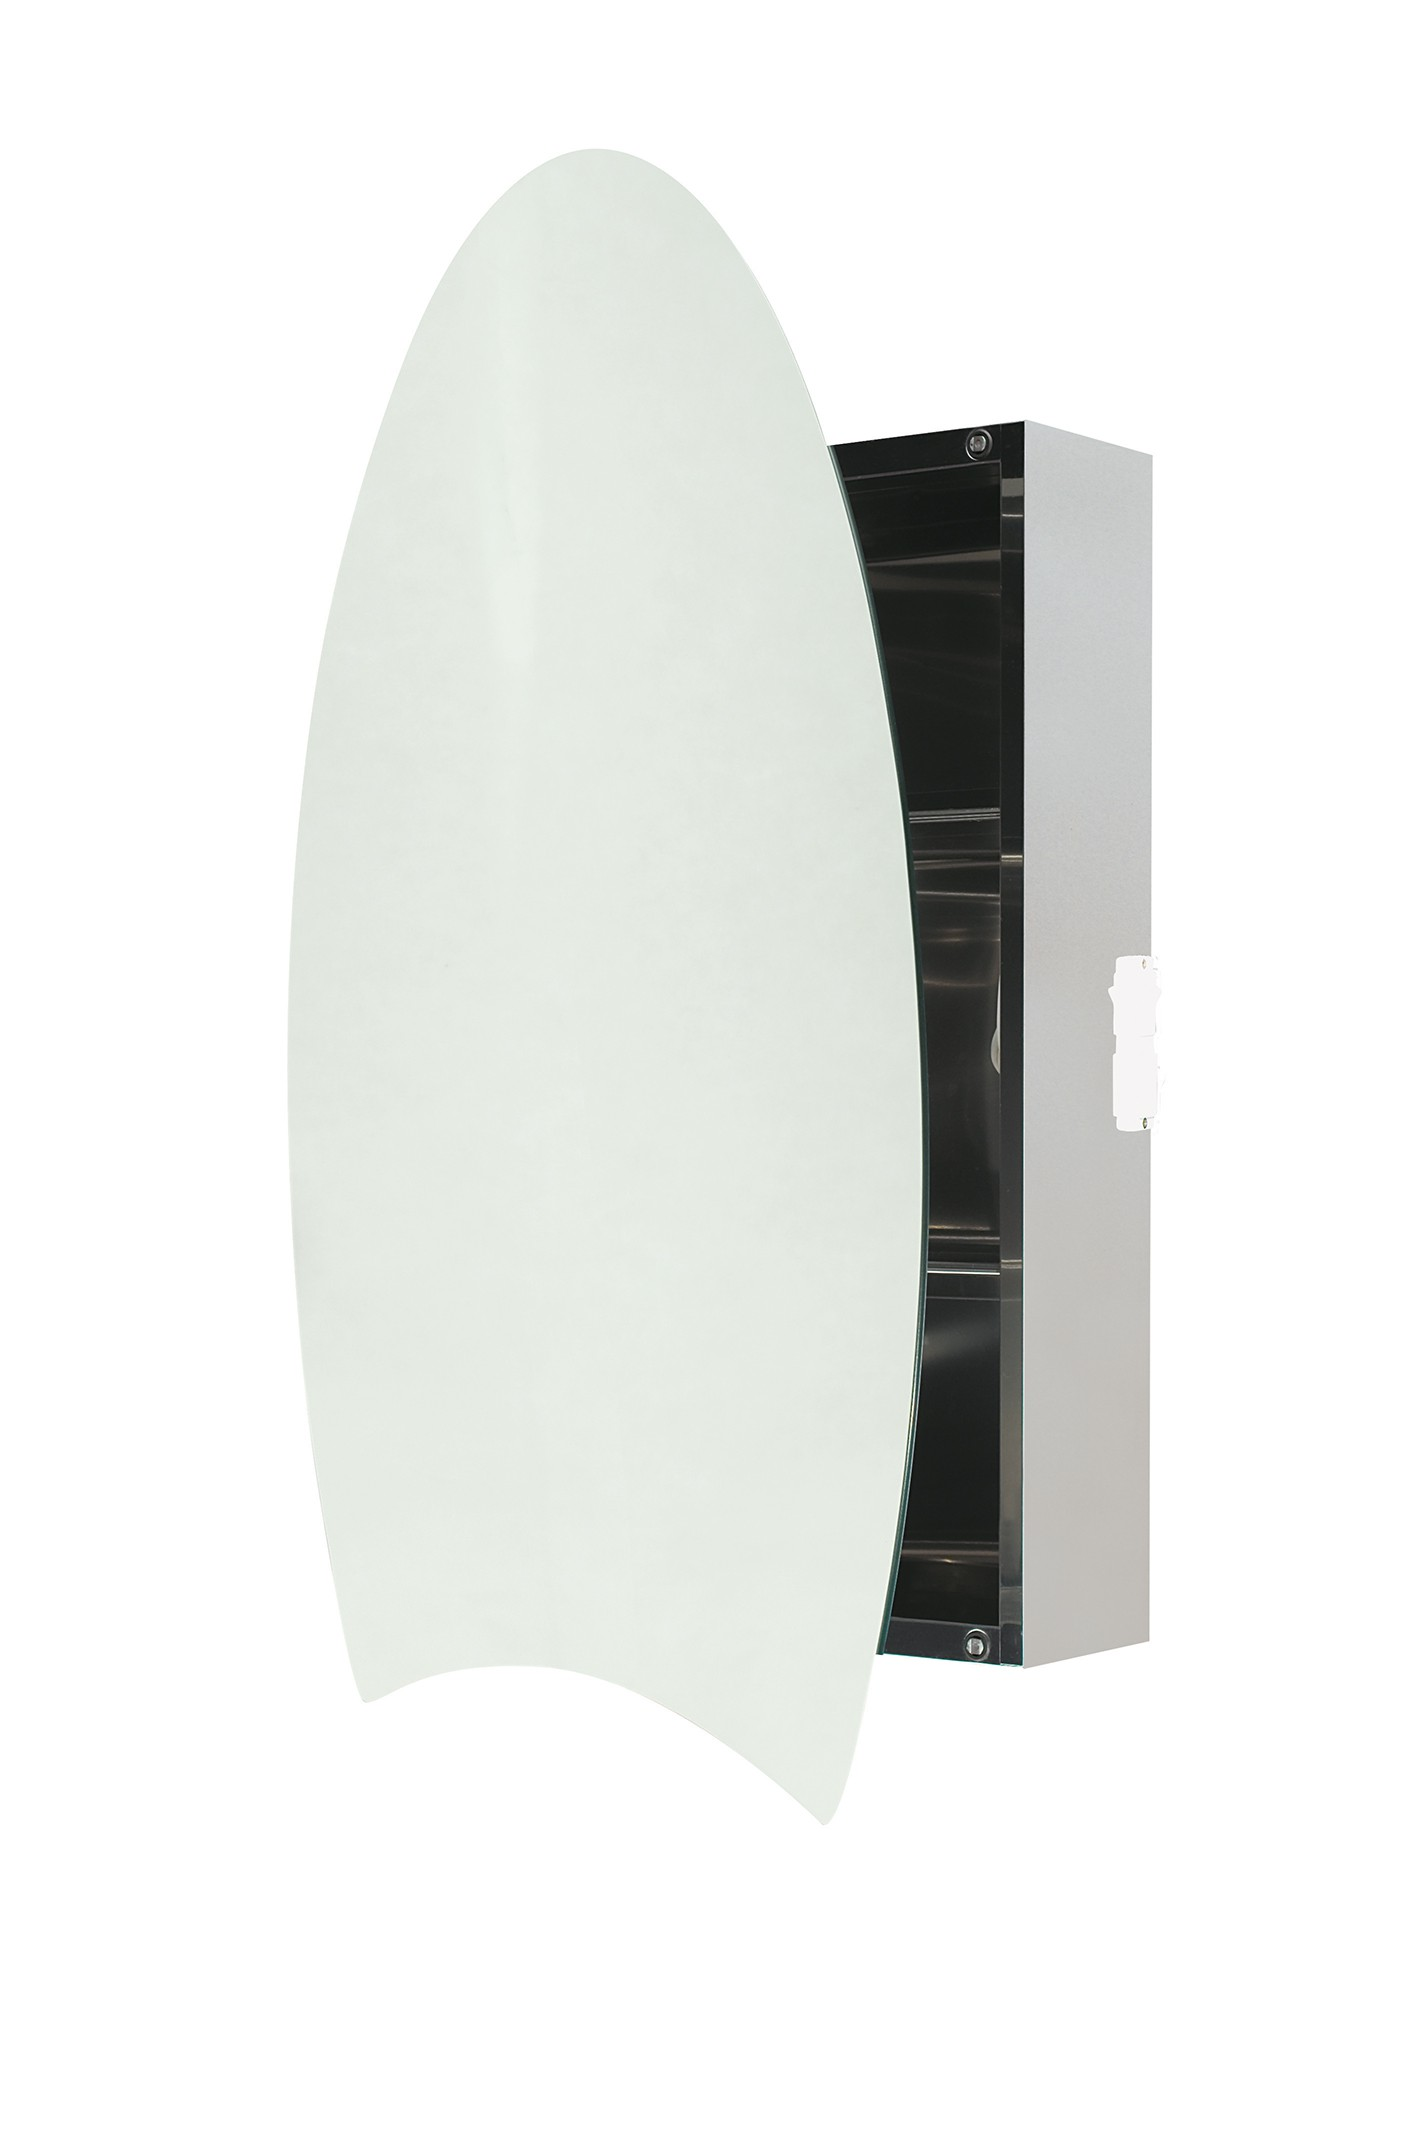 stilhaus arredo bagno - accessori da bagno - edilceramiche di maccanò - Stilhaus Arredo Bagno Srl